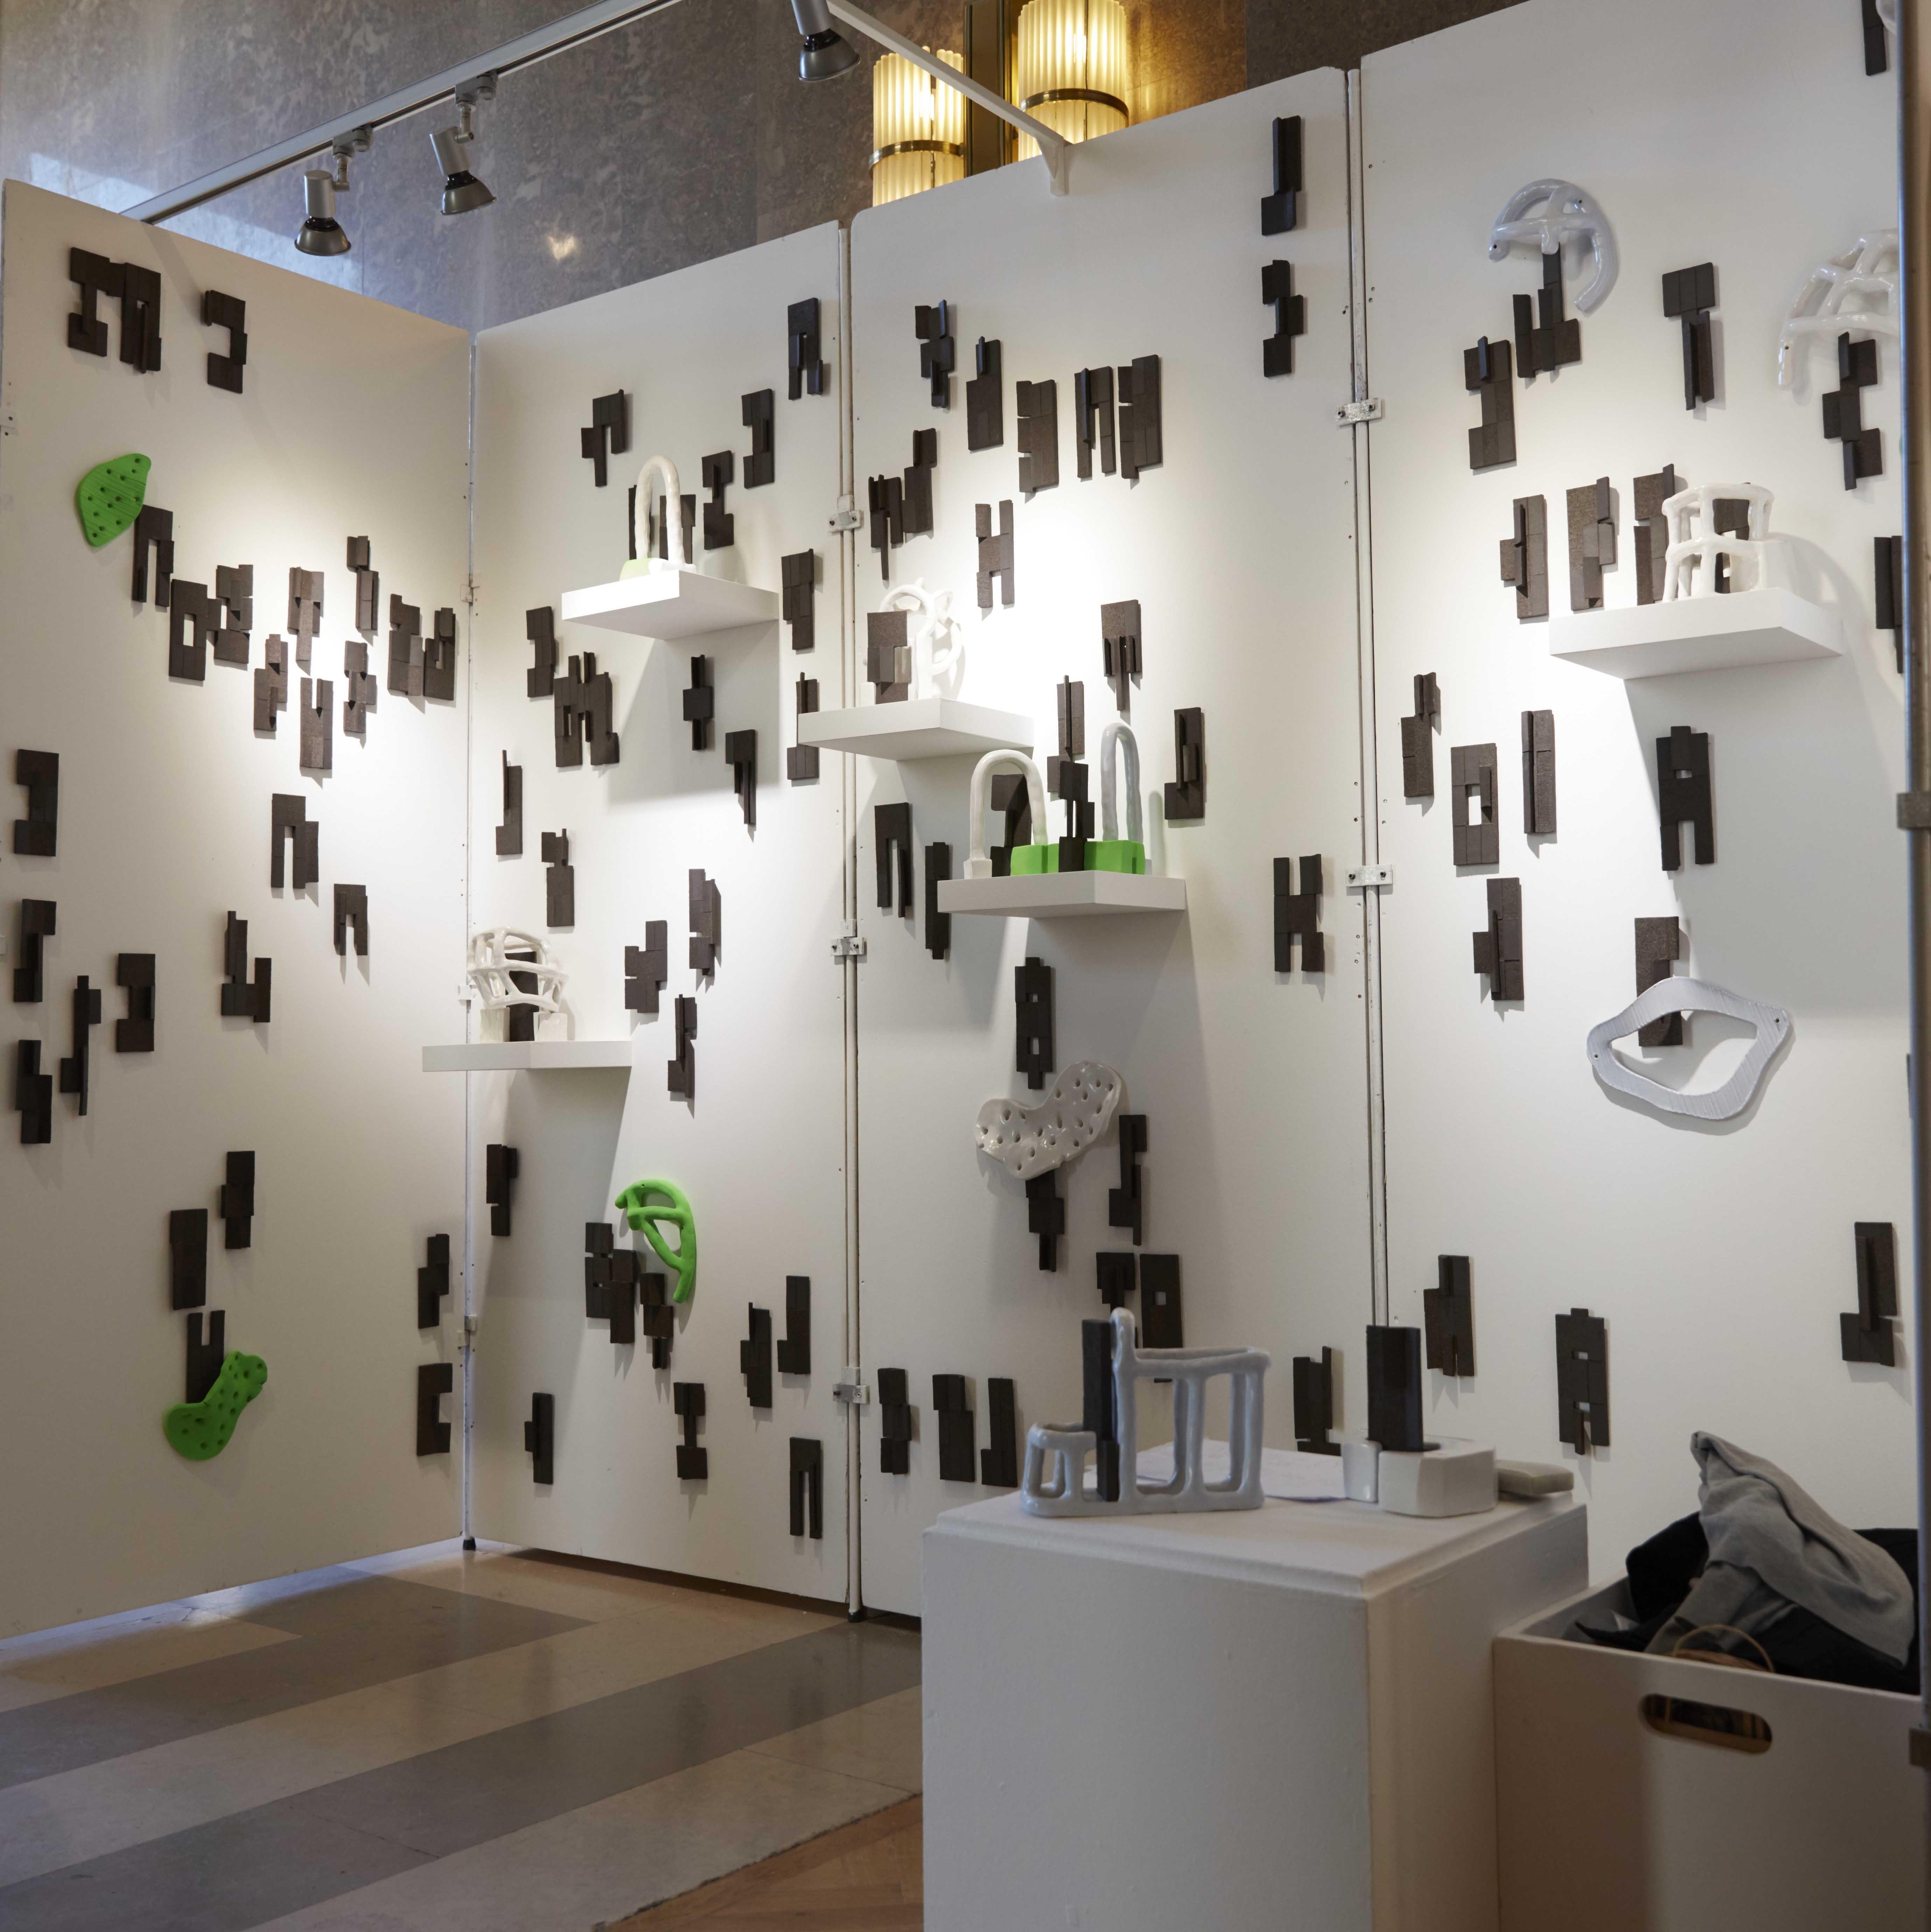 Exposition ceramique 14 art contemporain castaing for Art et artiste